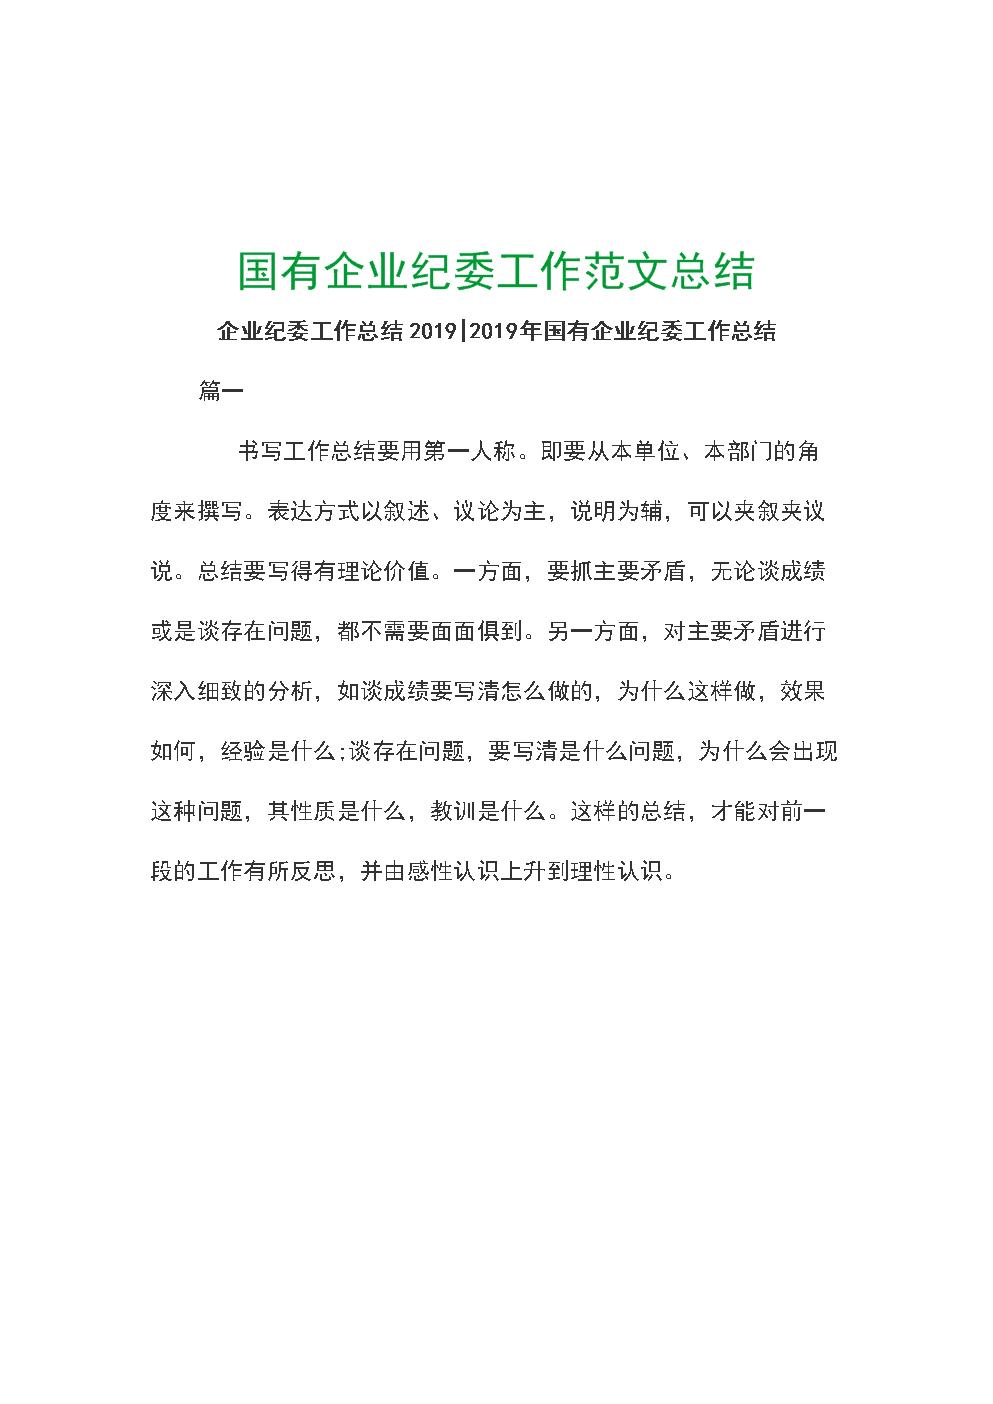 国有企业纪委工作范文总结.docx